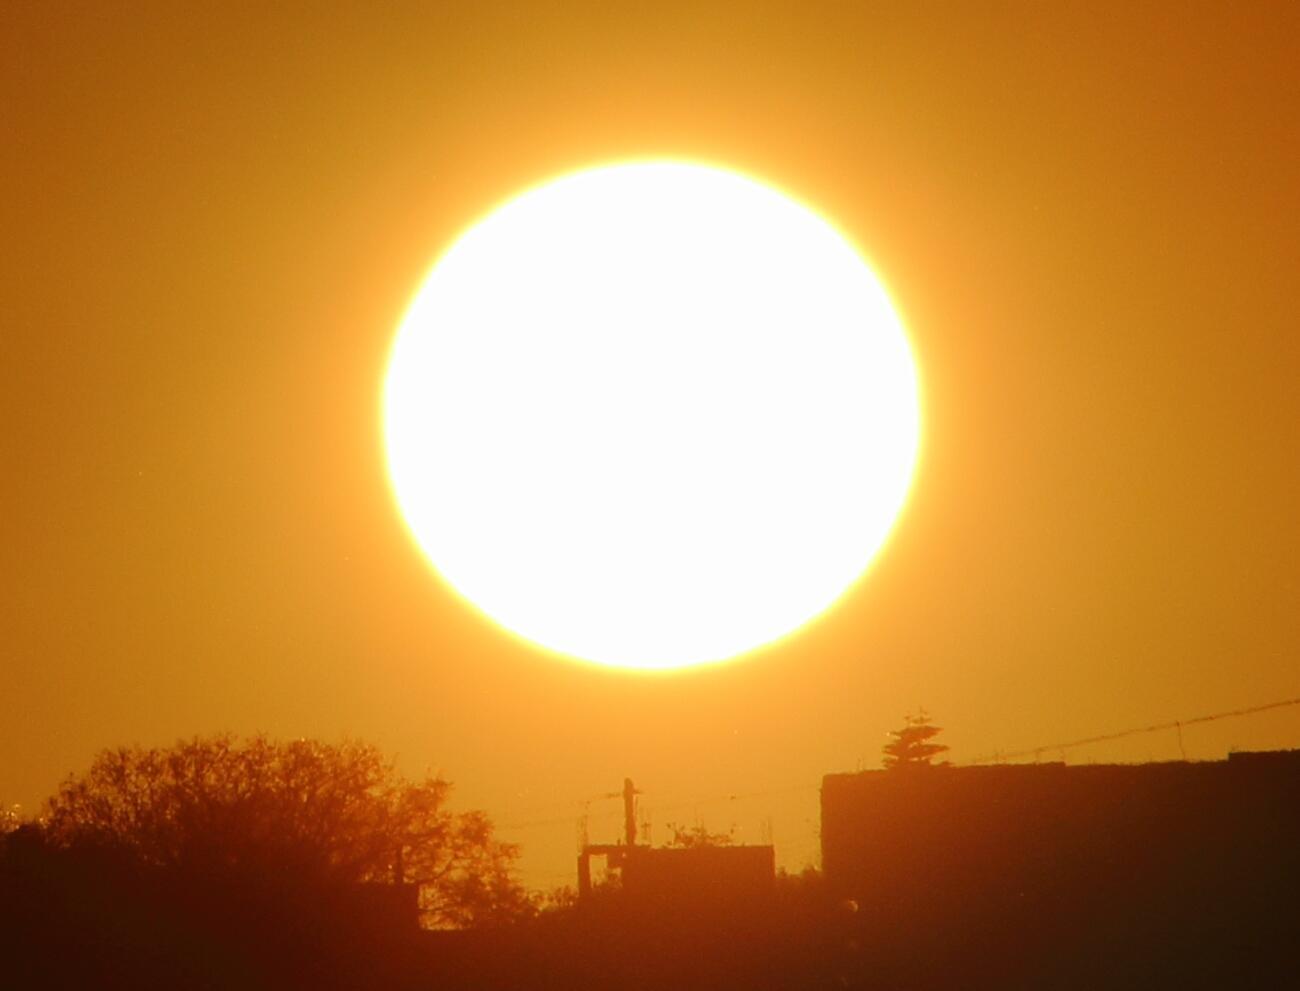 RT @adleon7: La salida del Sol hoy desde Querétaro, México http://t.co/OK9ZpbTUxn